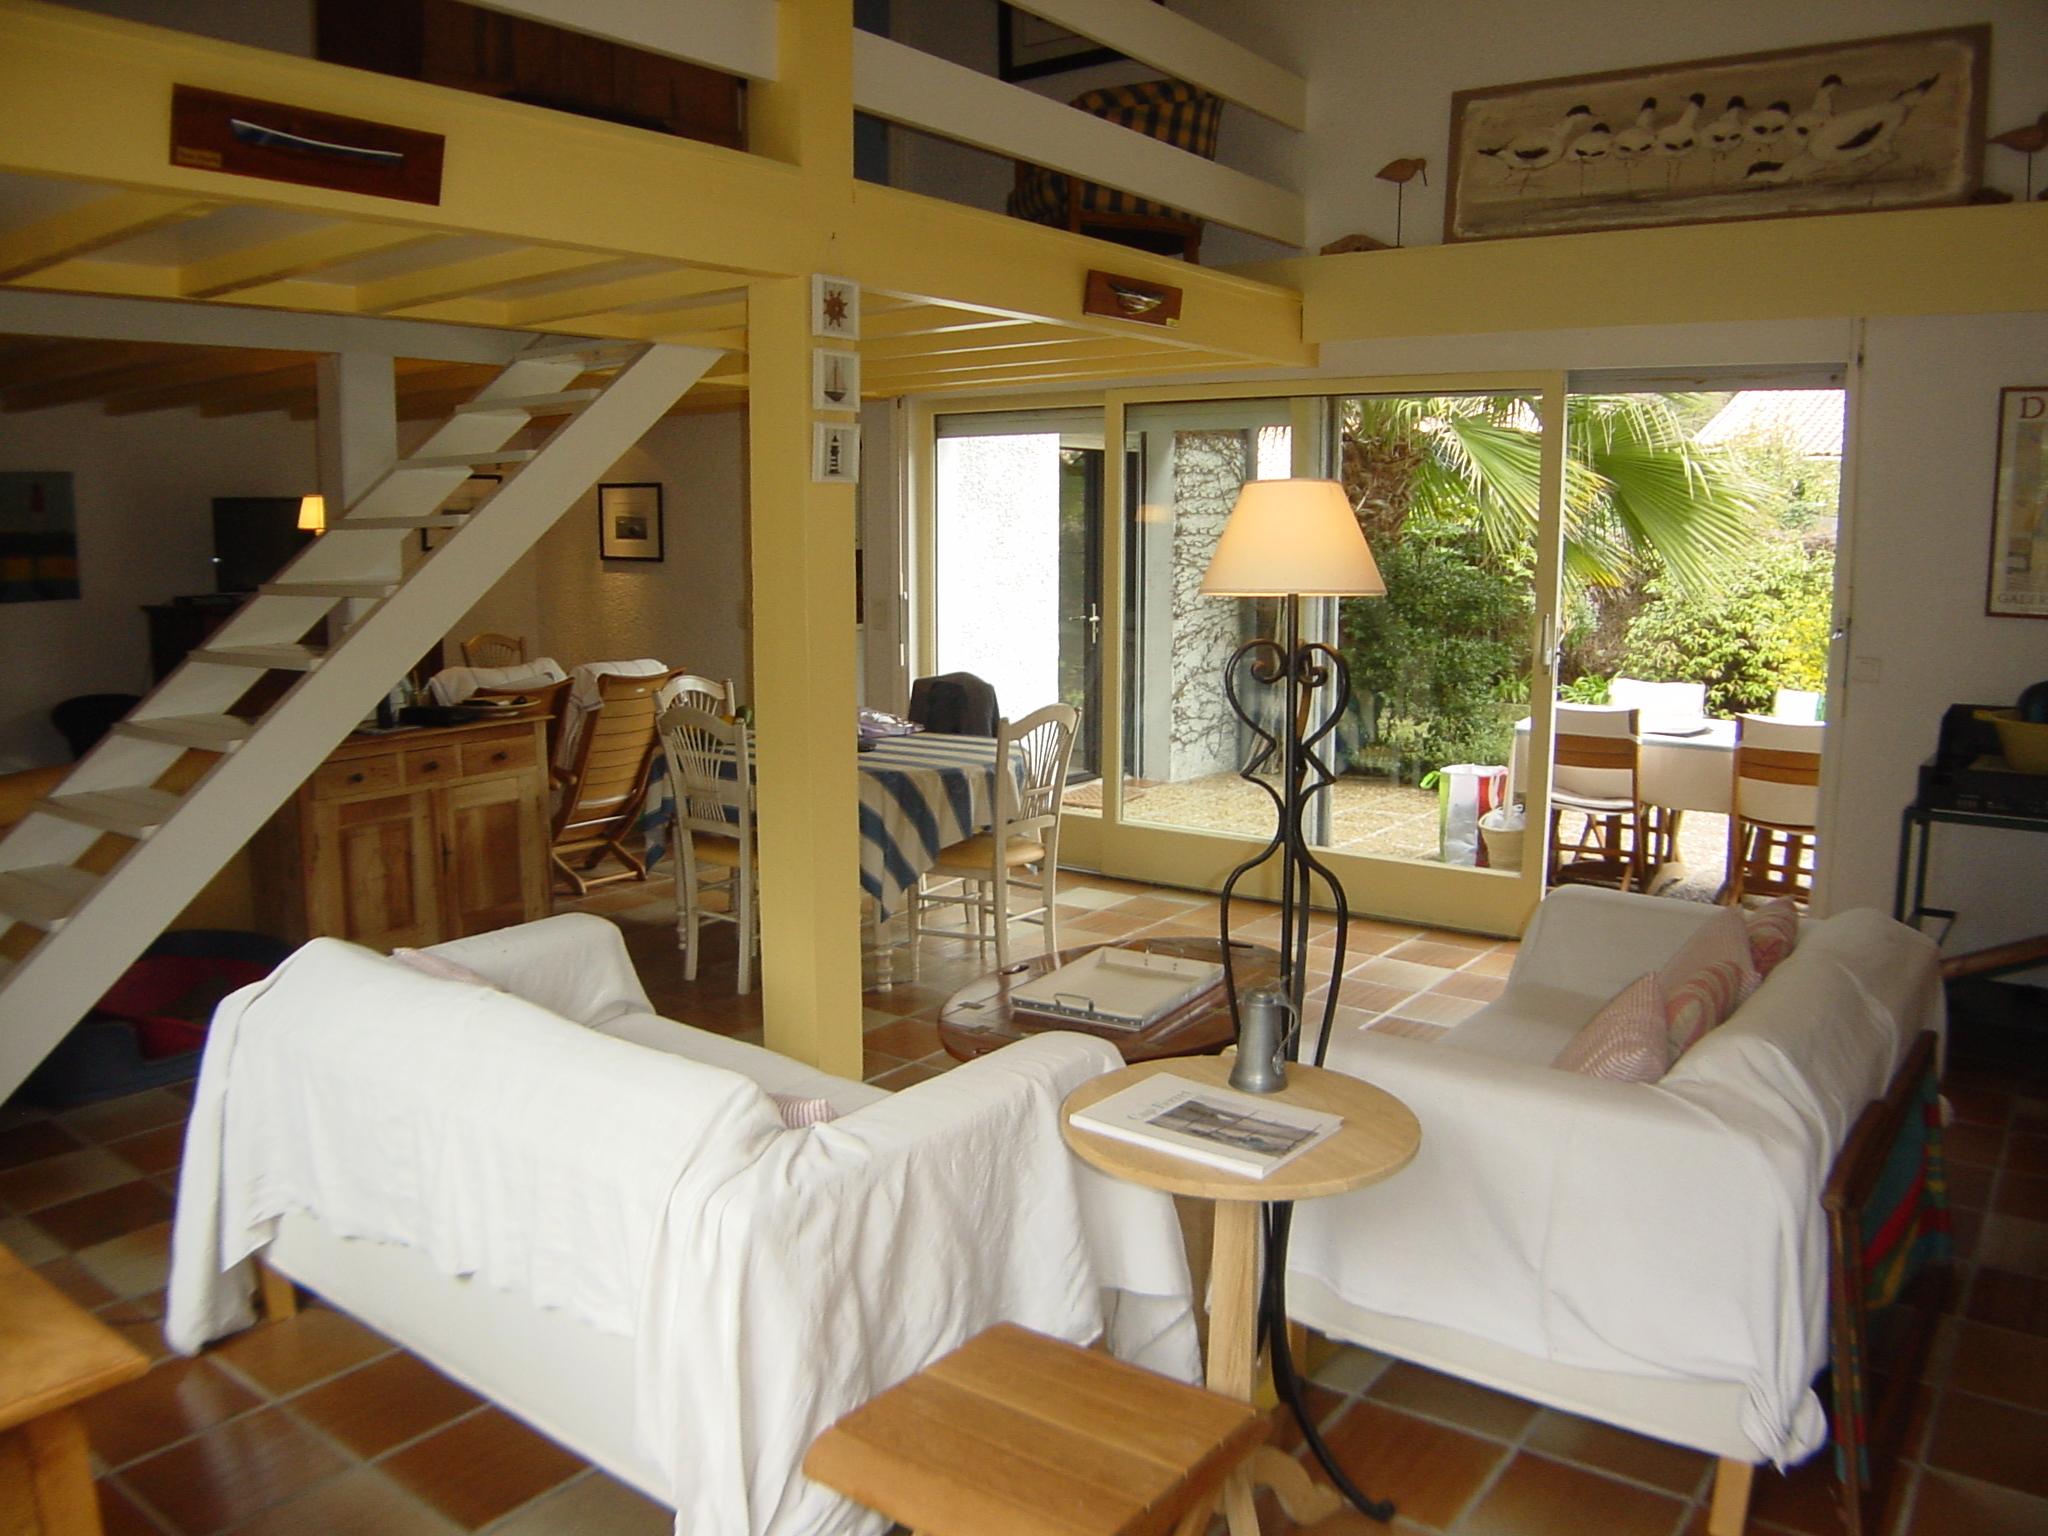 Villa à louer 6 personnes au calme proche du Cap-Ferret